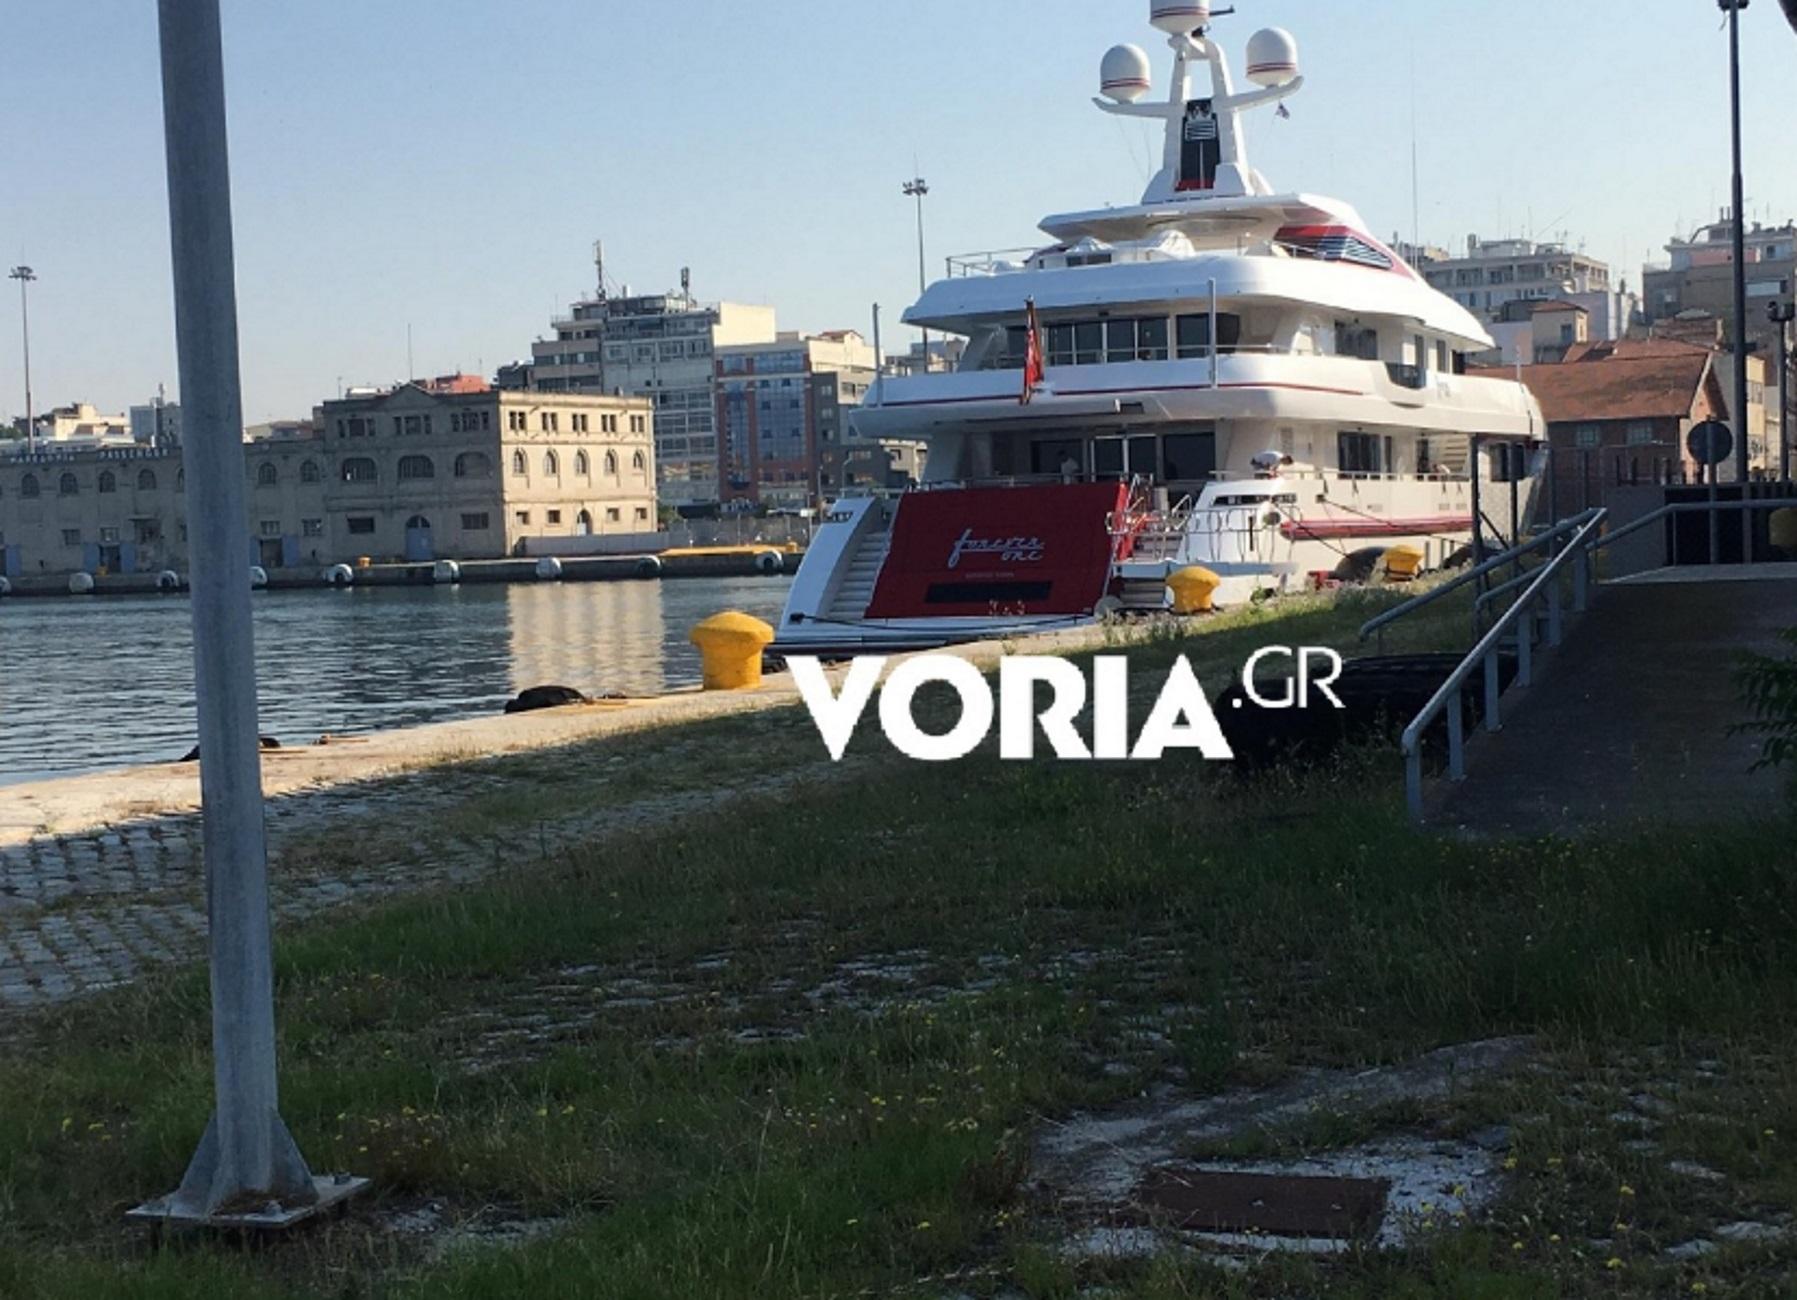 Θεσσαλονίκη: Δεσπόζει στο λιμάνι η ερυθρόλευκη θαλαμηγός του μεγιστάνα! Ποιος είναι ο  ιδιοκτήτης της (Φωτό)